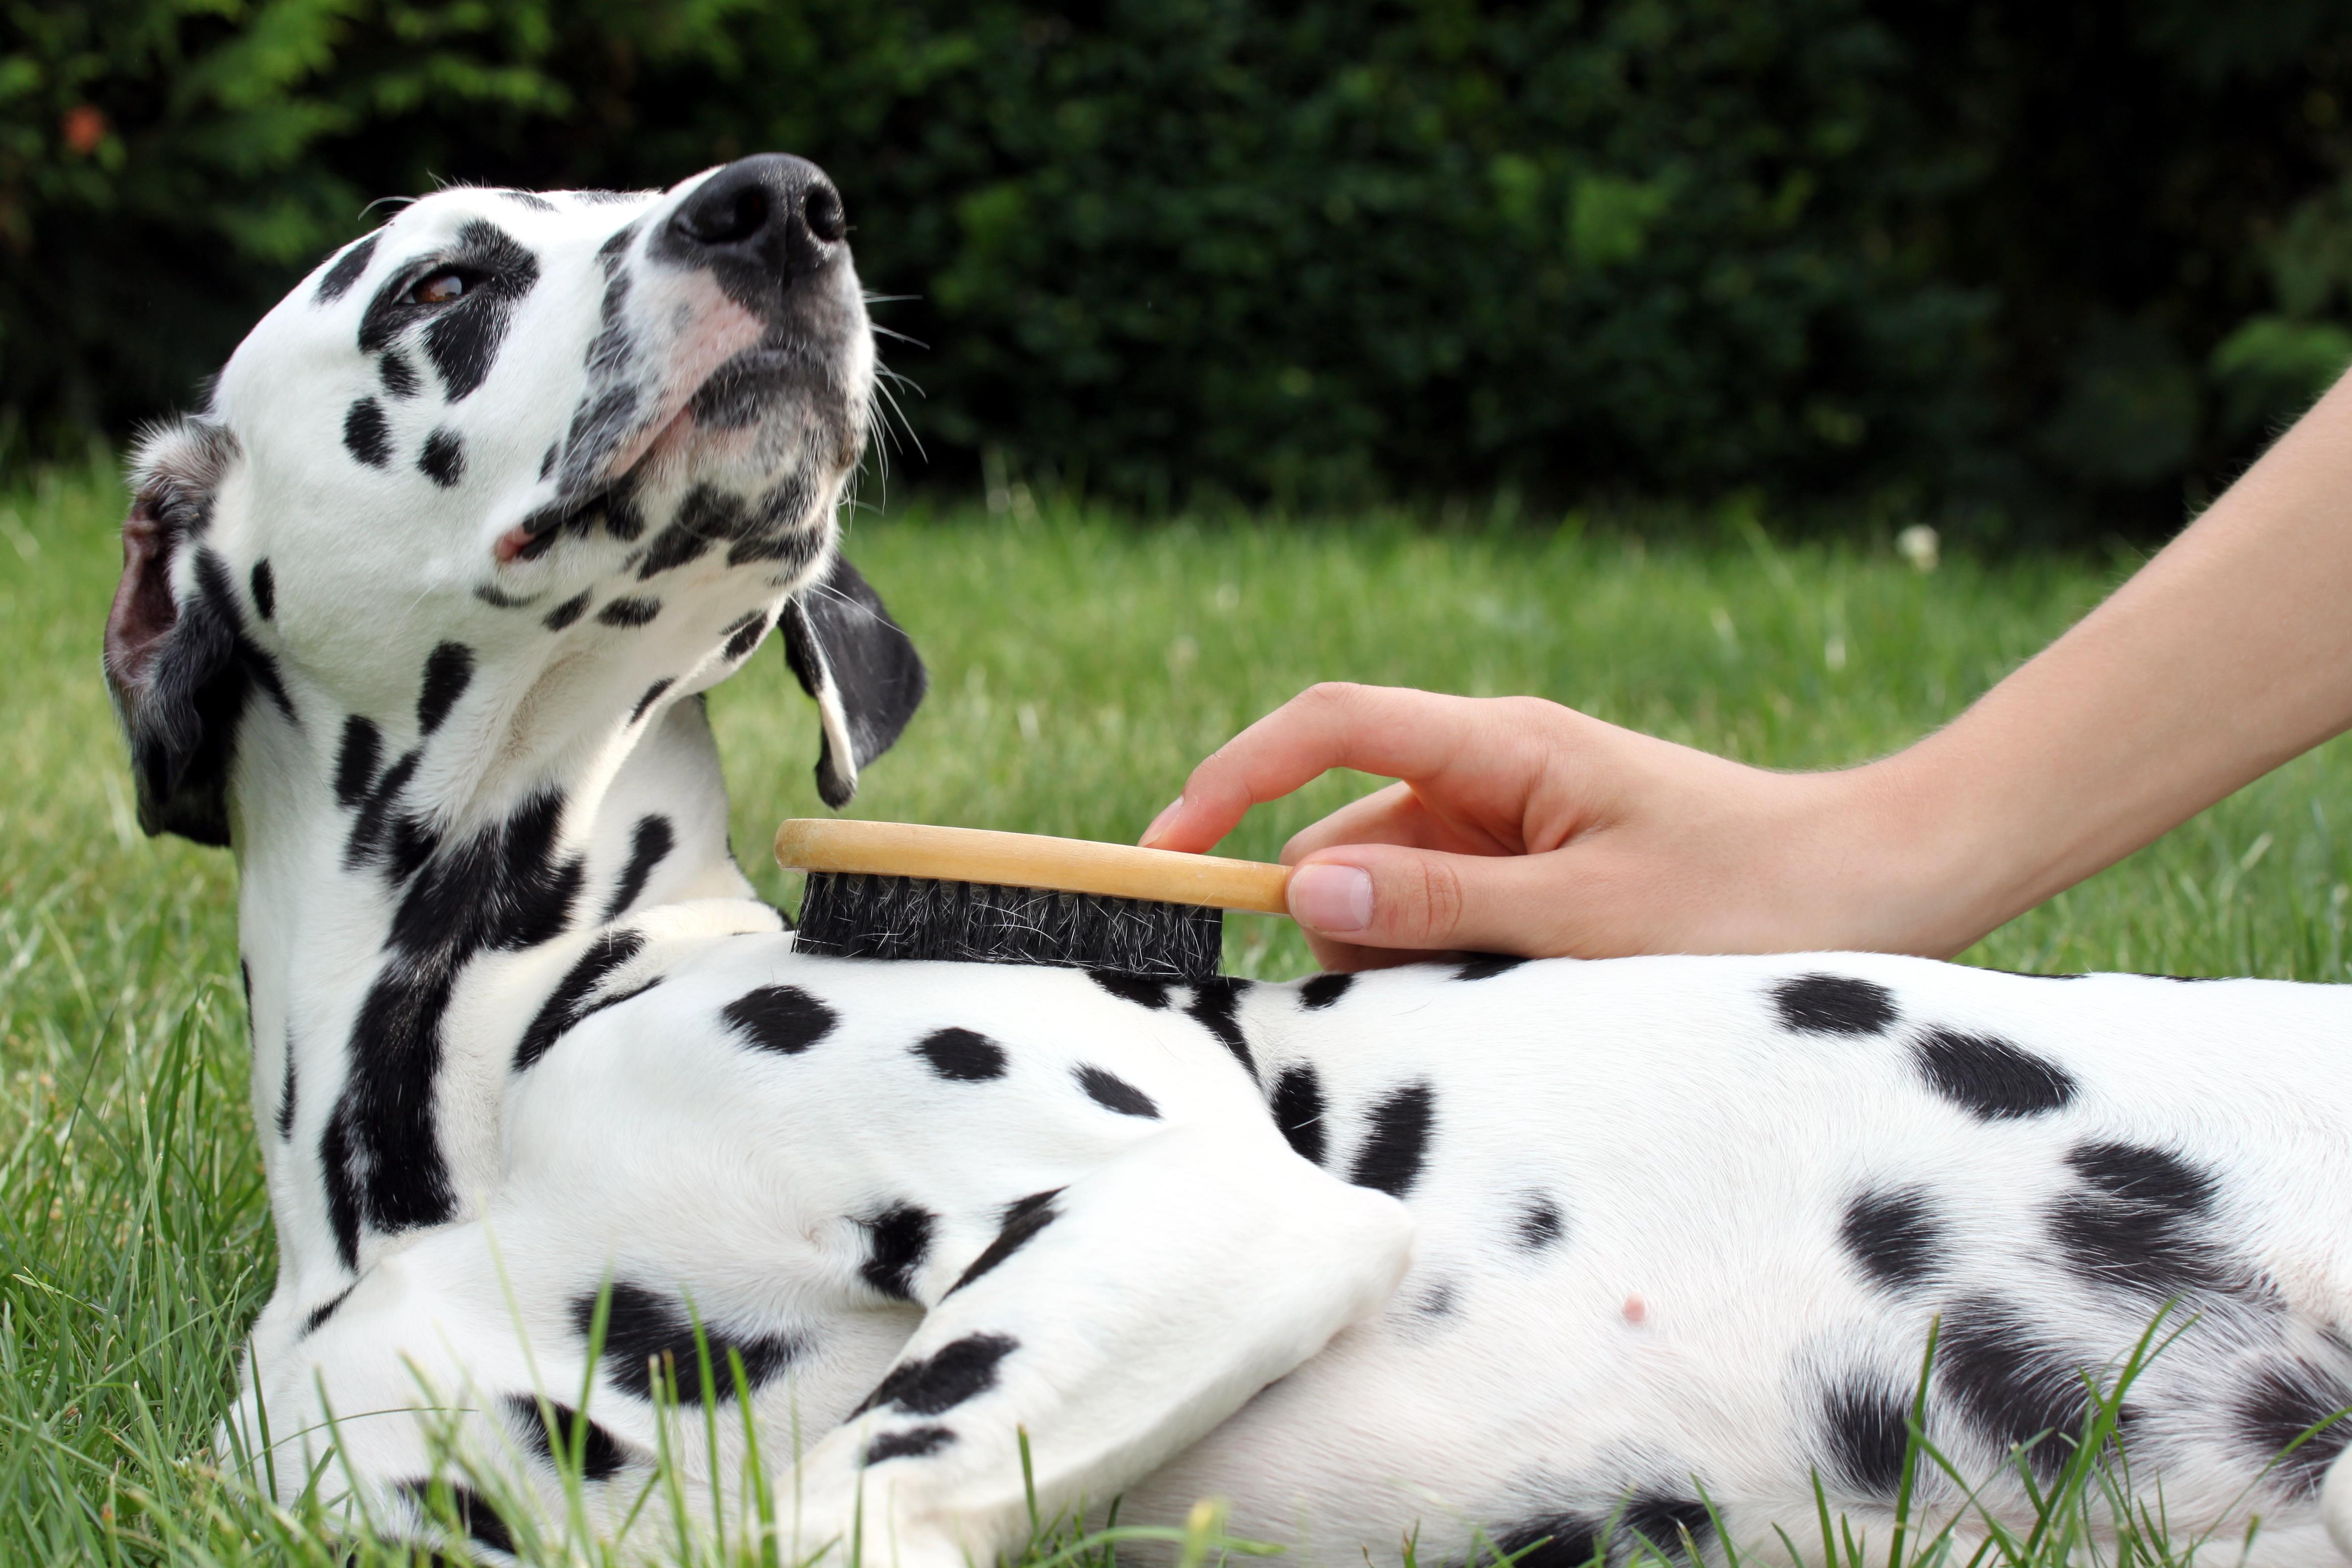 ブラッシングが嫌いな愛犬にブラッシングをする方法とは?ちょっとした工夫でブラシが大好きになるかも!